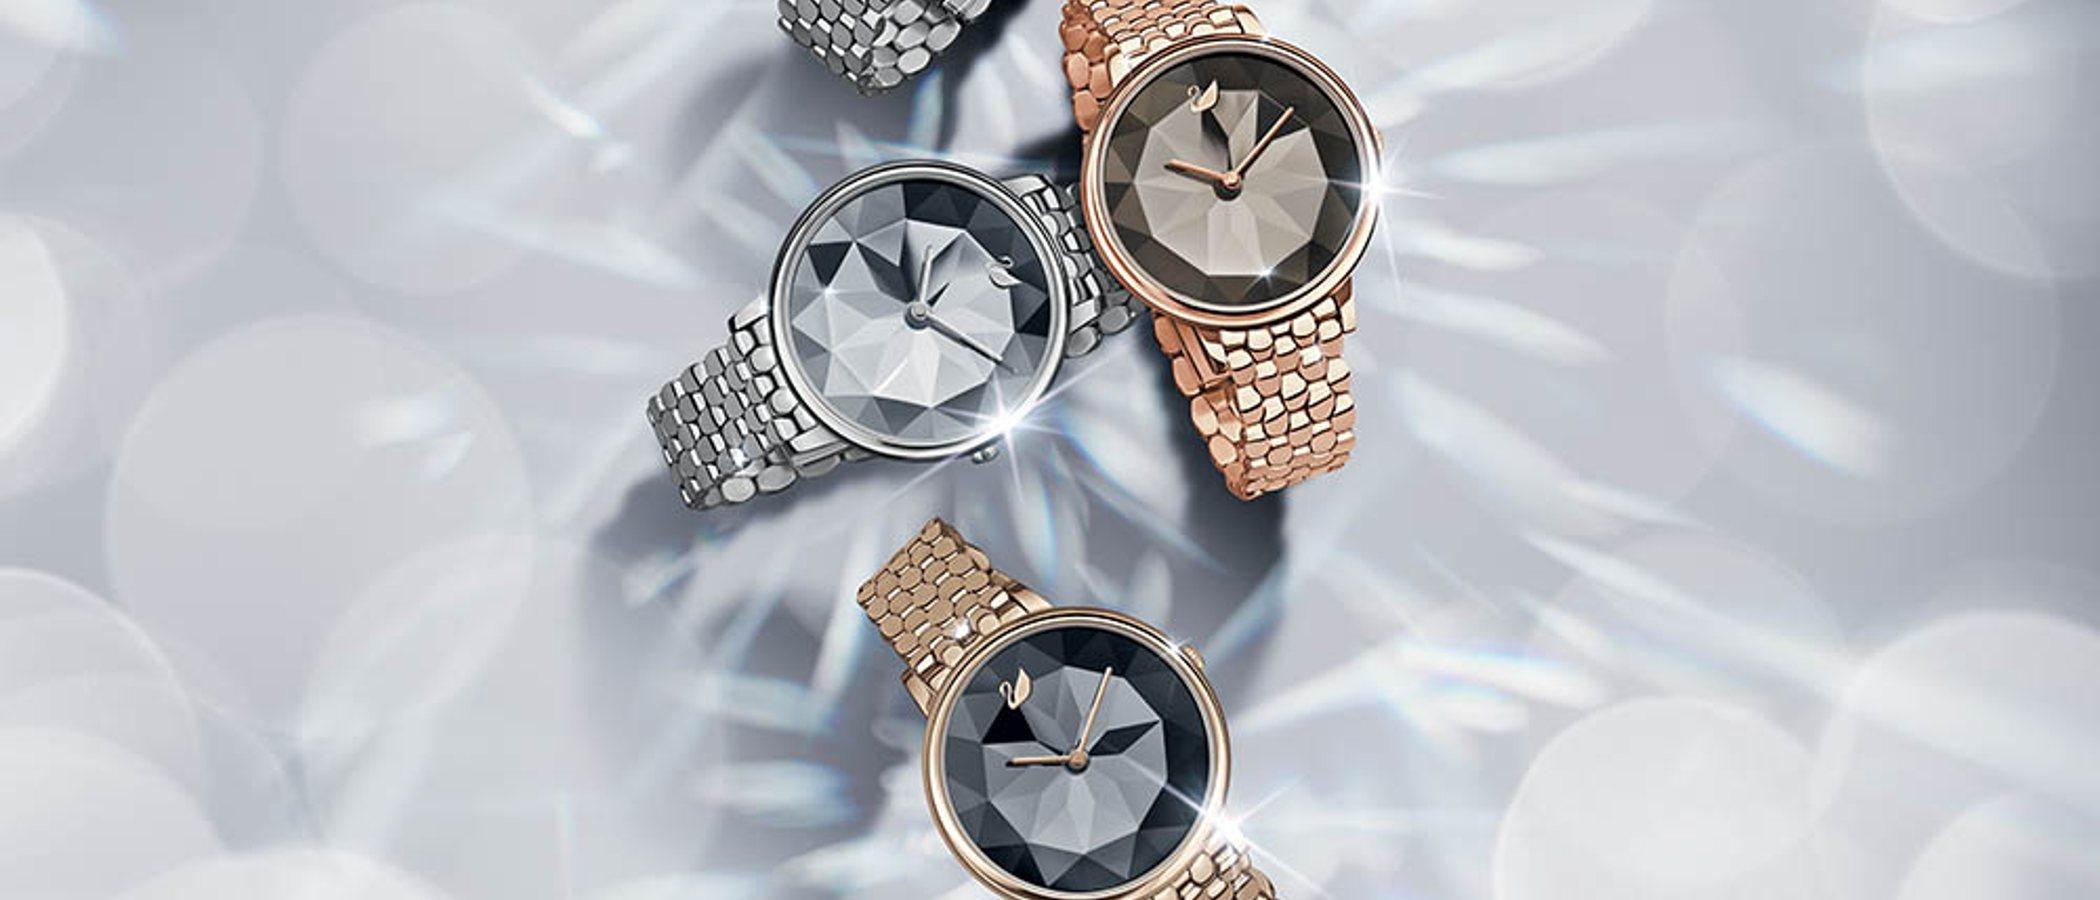 Swarovski presenta su colección de relojes invierno 2018/2019